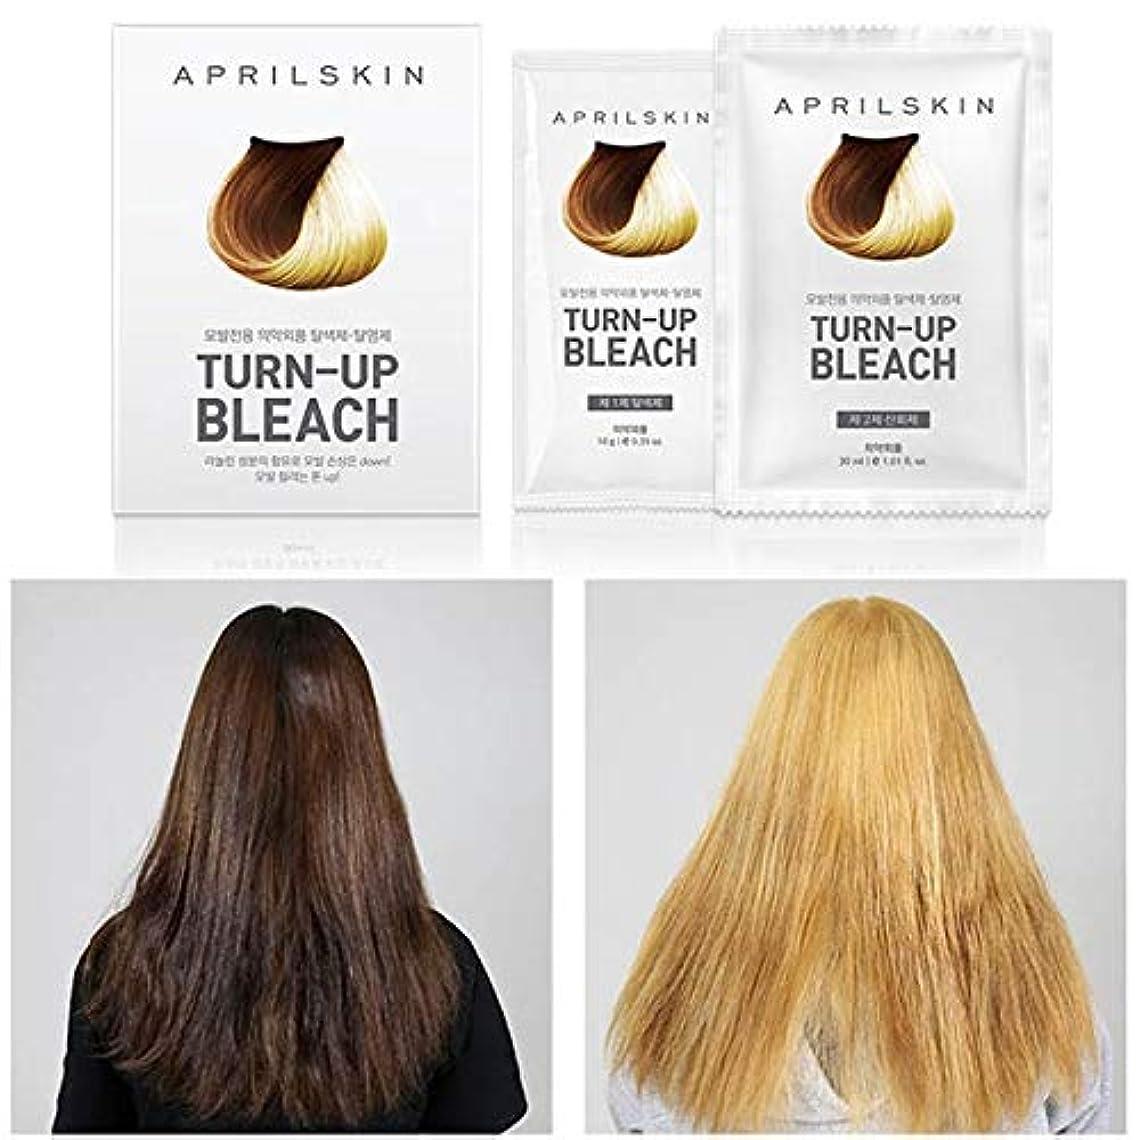 フォアマン持っているアコーエープリル?スキン [韓国コスメ April Skin] 漂白ブリーチ(ヘアブリーチ)Turn Up Bleach (Hair Bleach)/Korea Cosmetics